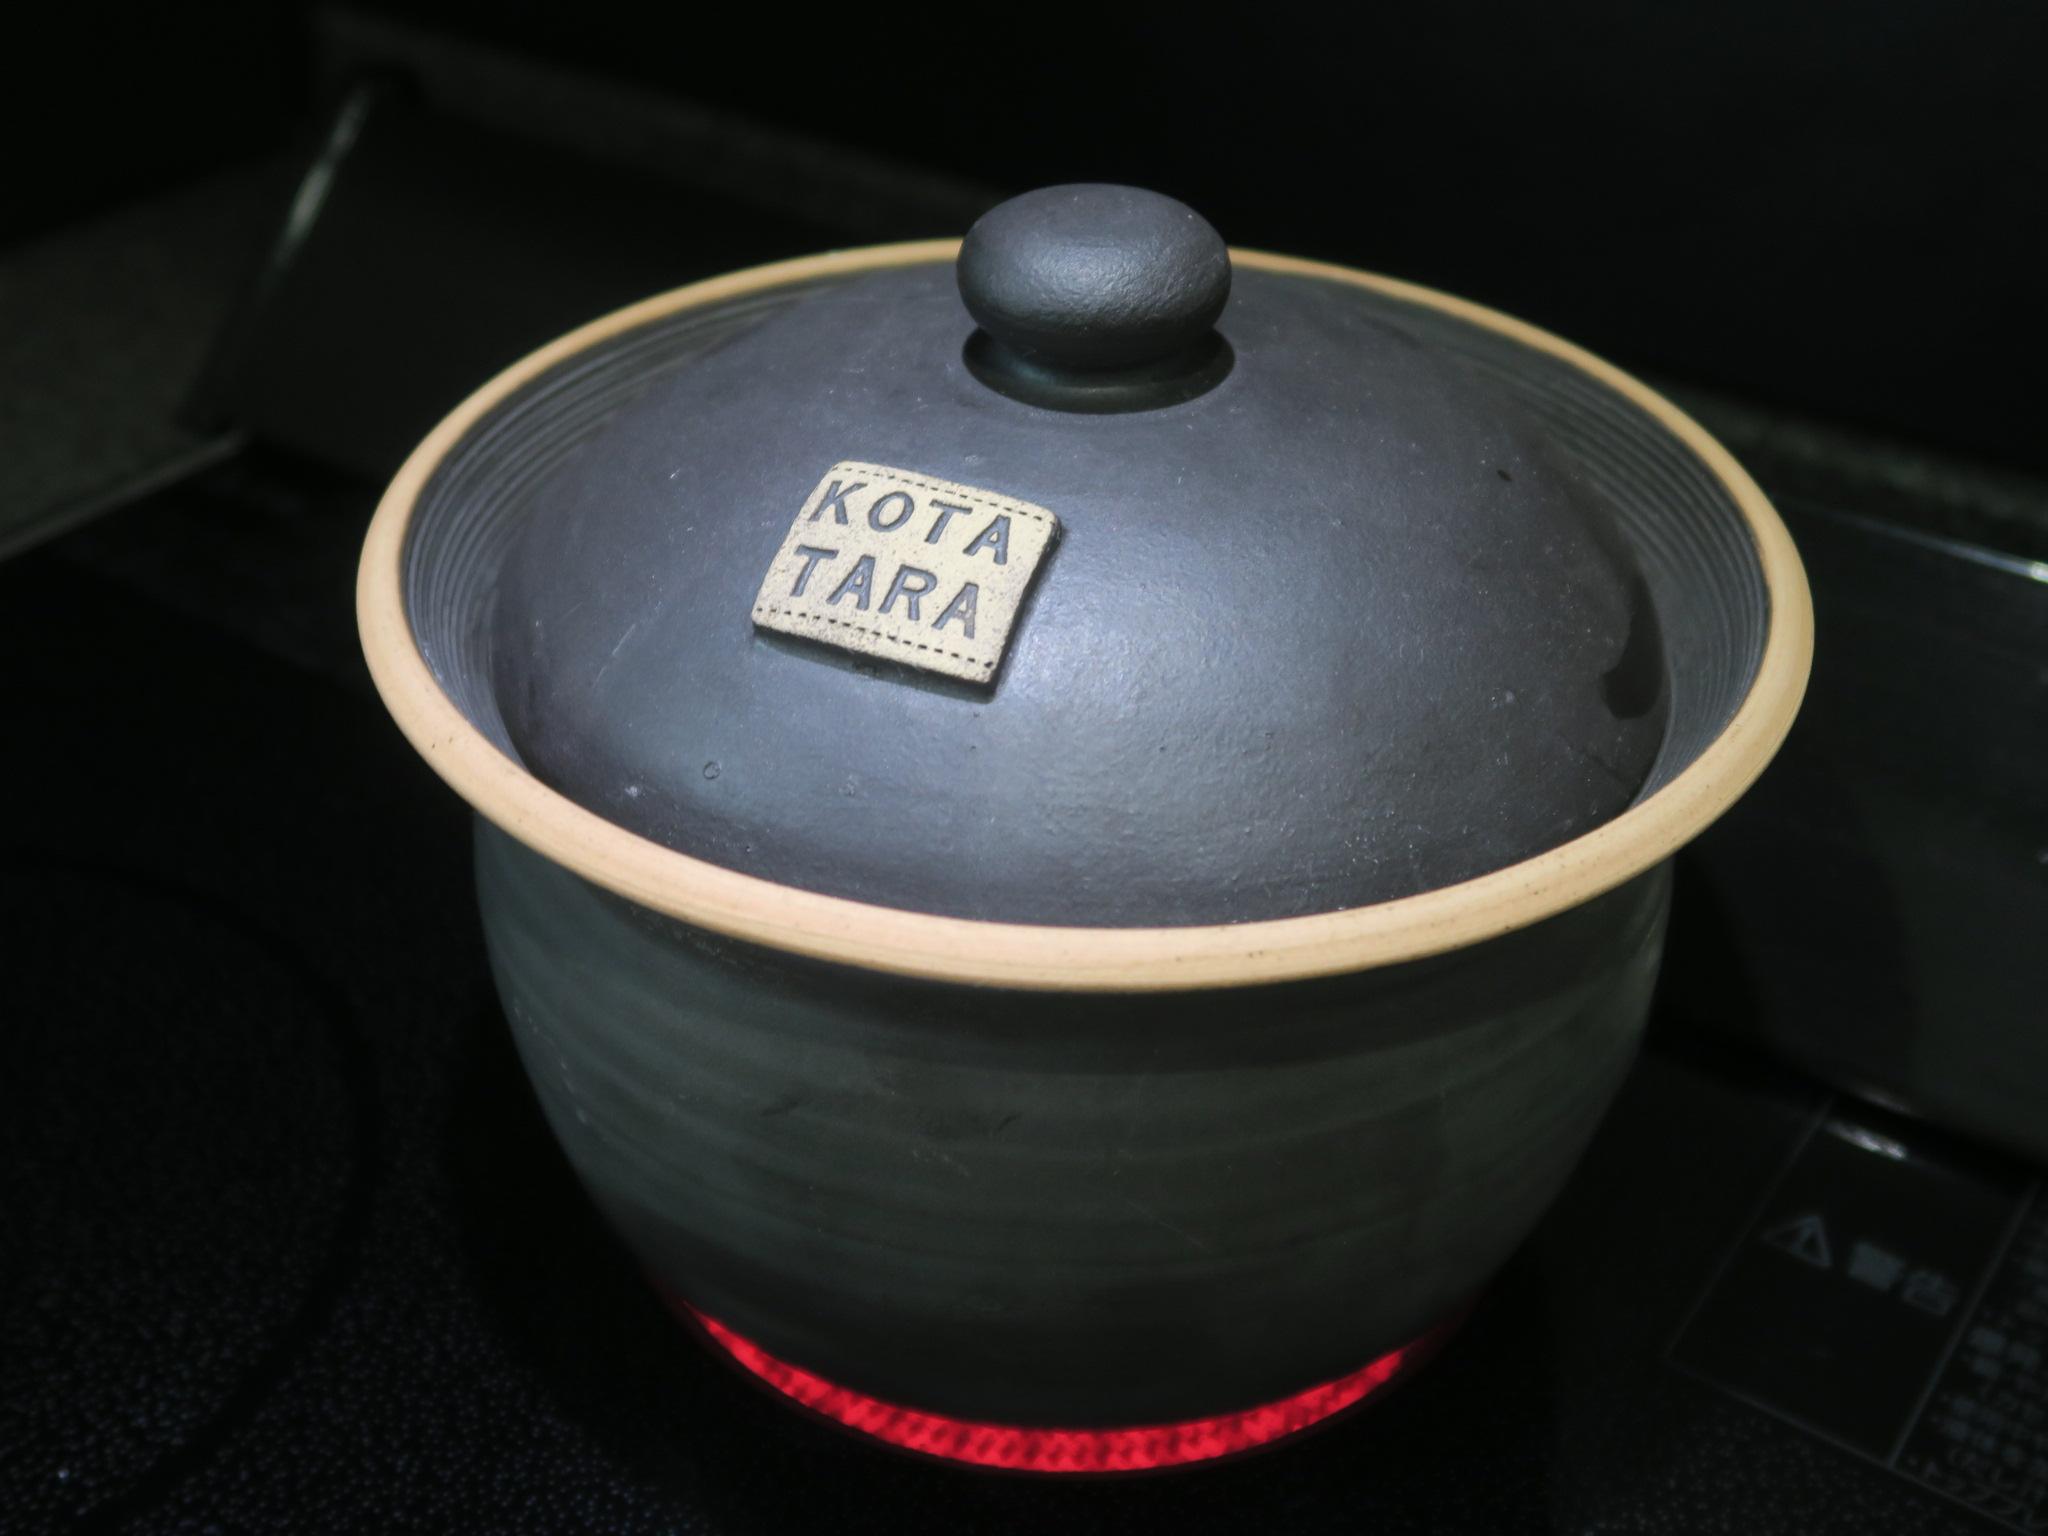 KOTATARA鍋画像